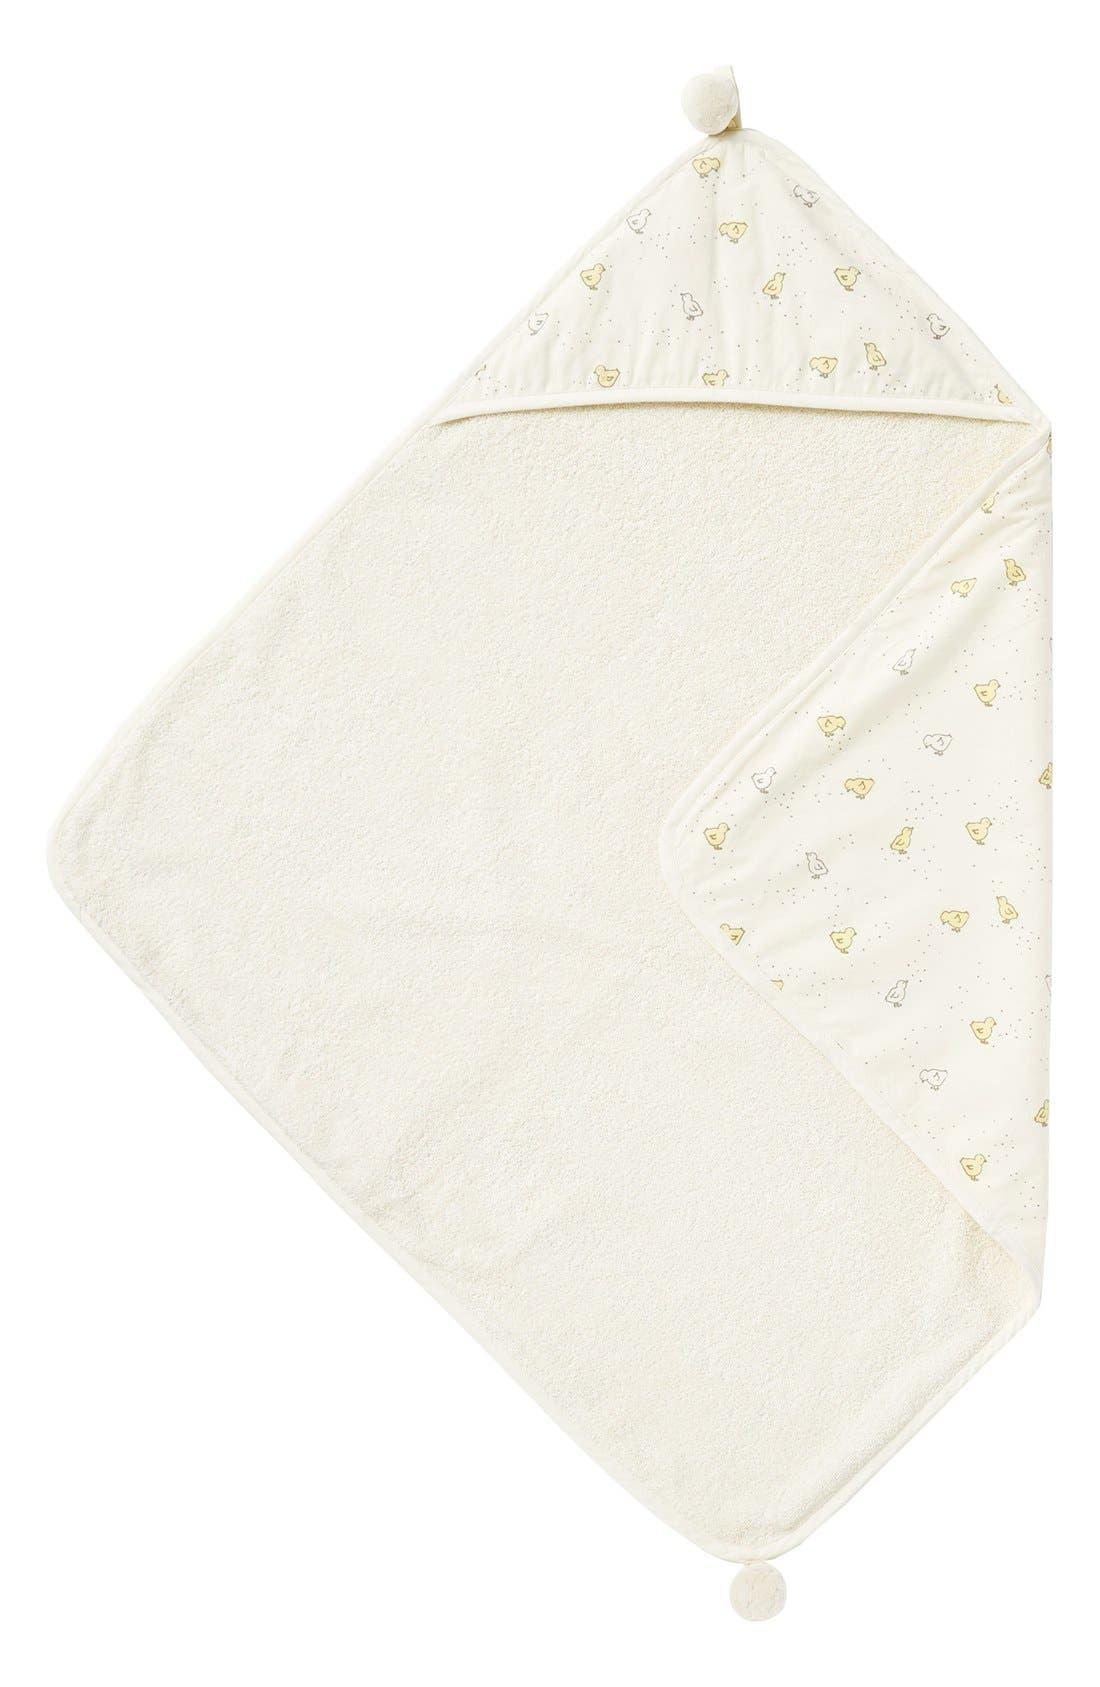 Petit Pehr 'Baby Chick' Print Hooded Towel (Baby)